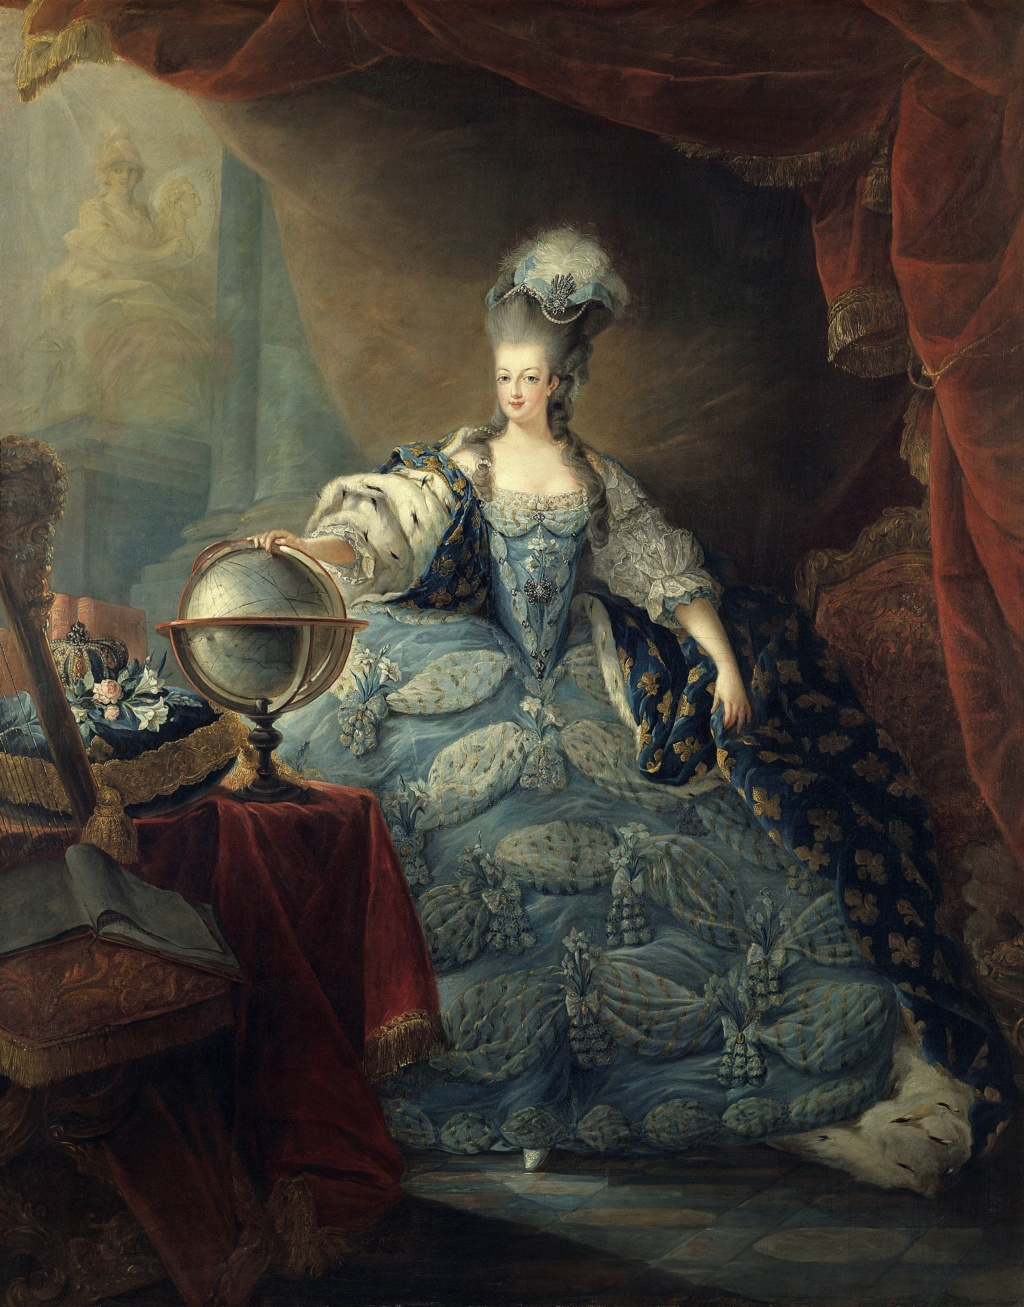 Portraits de Marie-Antoinette attribués aux Gautier Dagoty (ou d'après). - Page 3 Leemag10